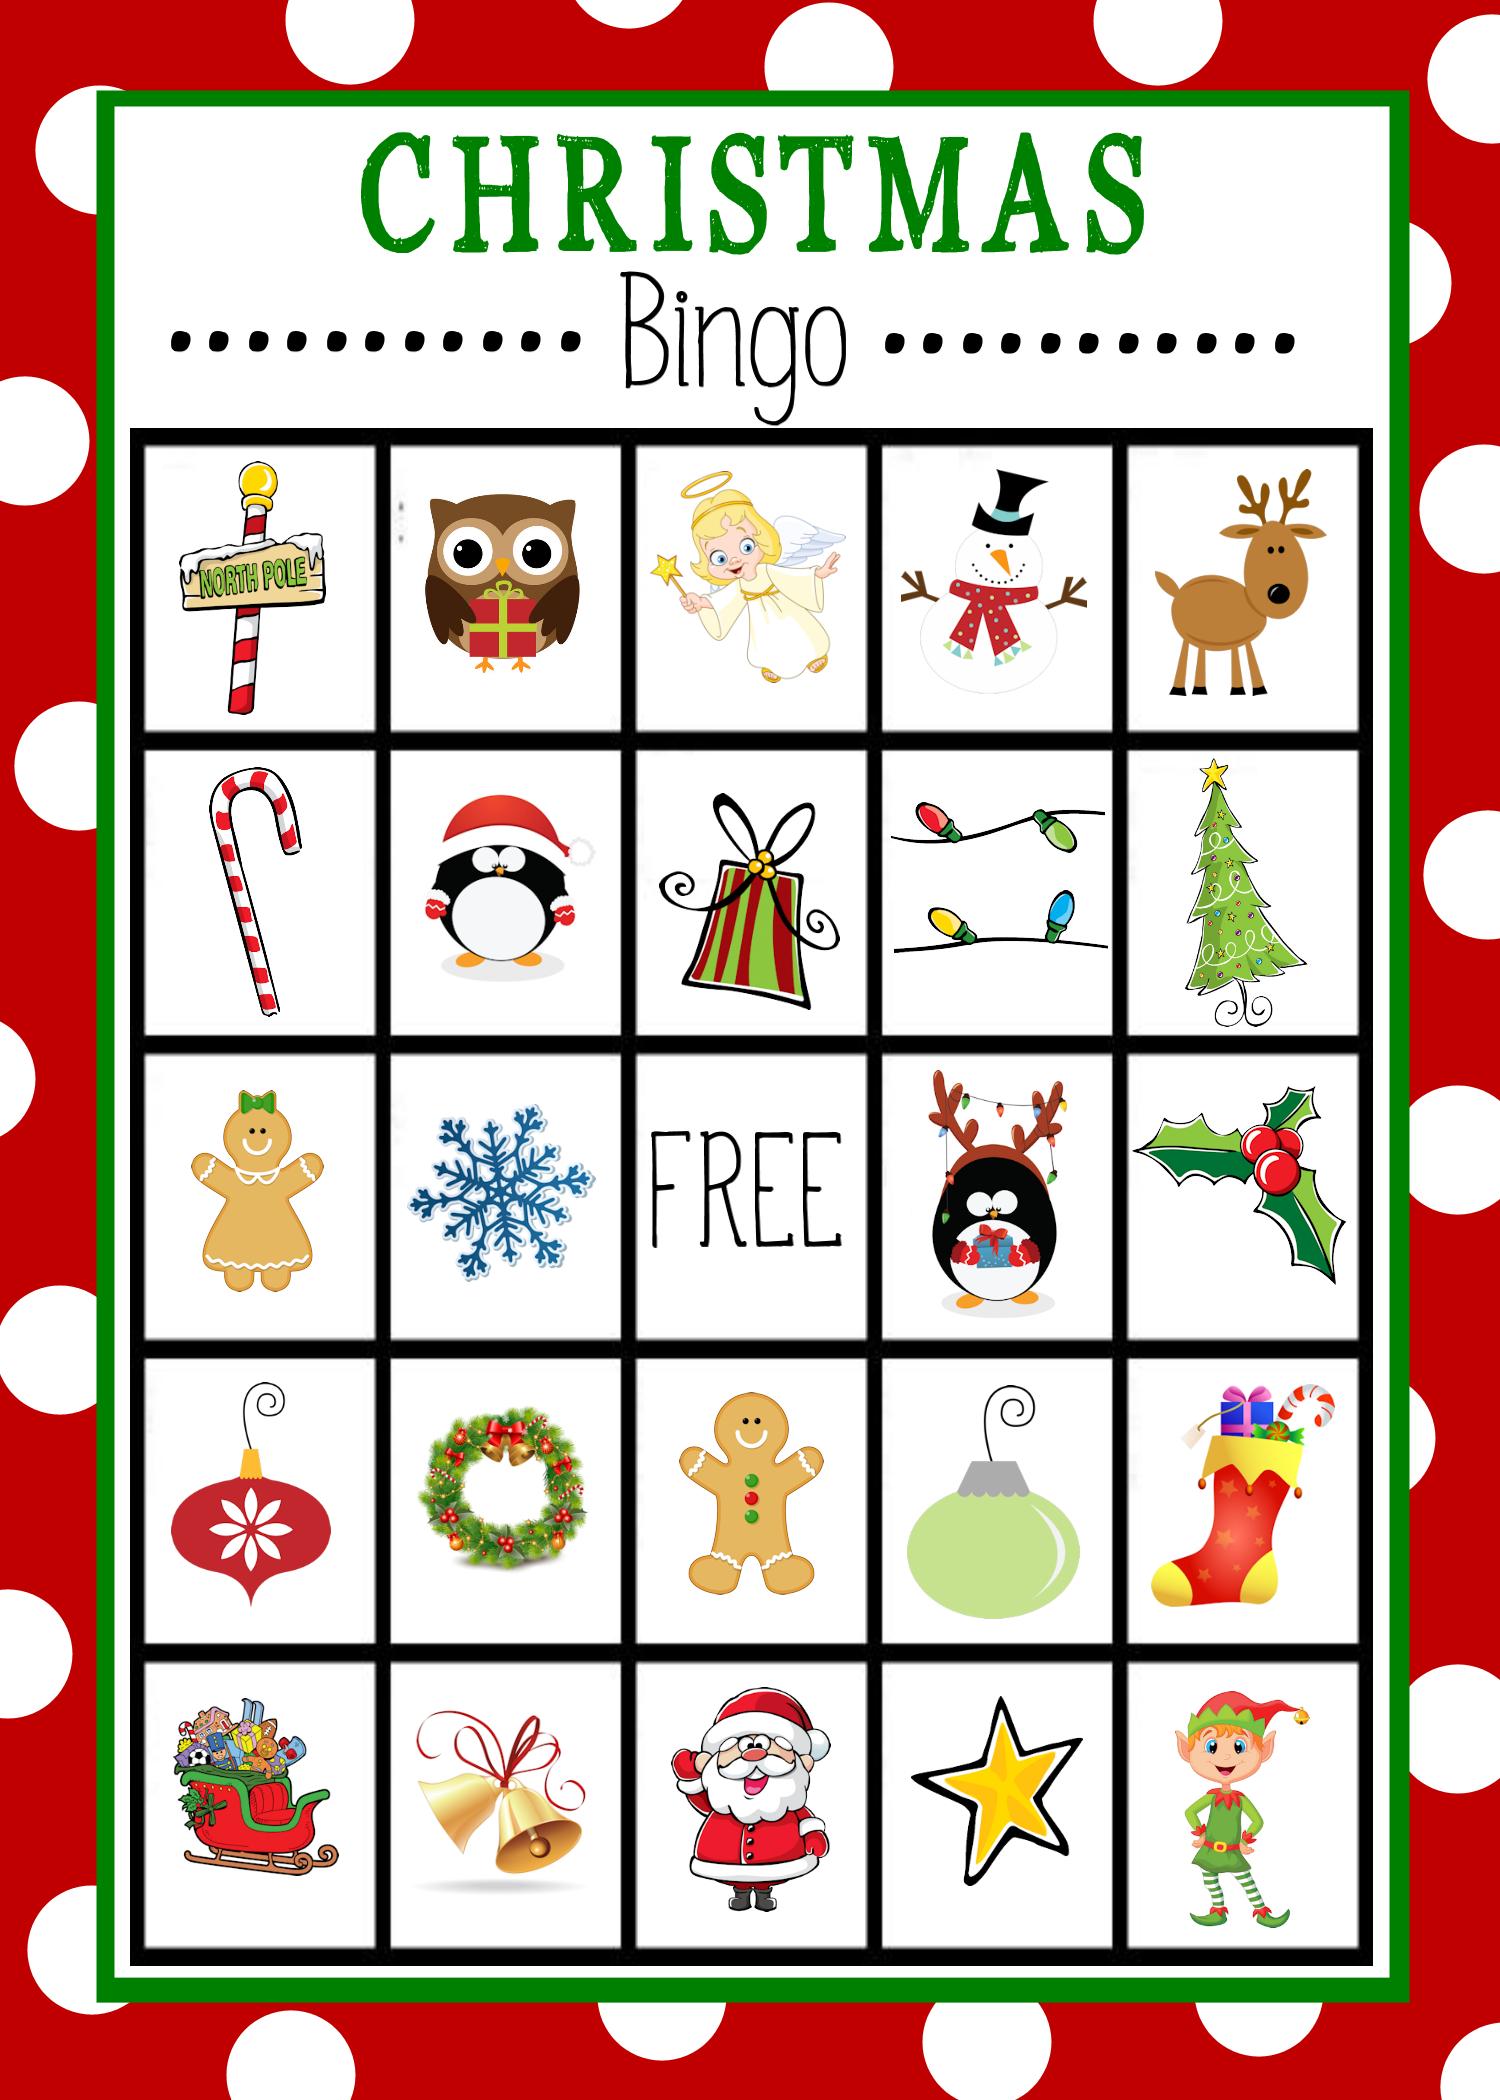 Free Printable Christmas Bingo Game | Christmas | Christmas Bingo - Free Christmas Bingo Game Printable